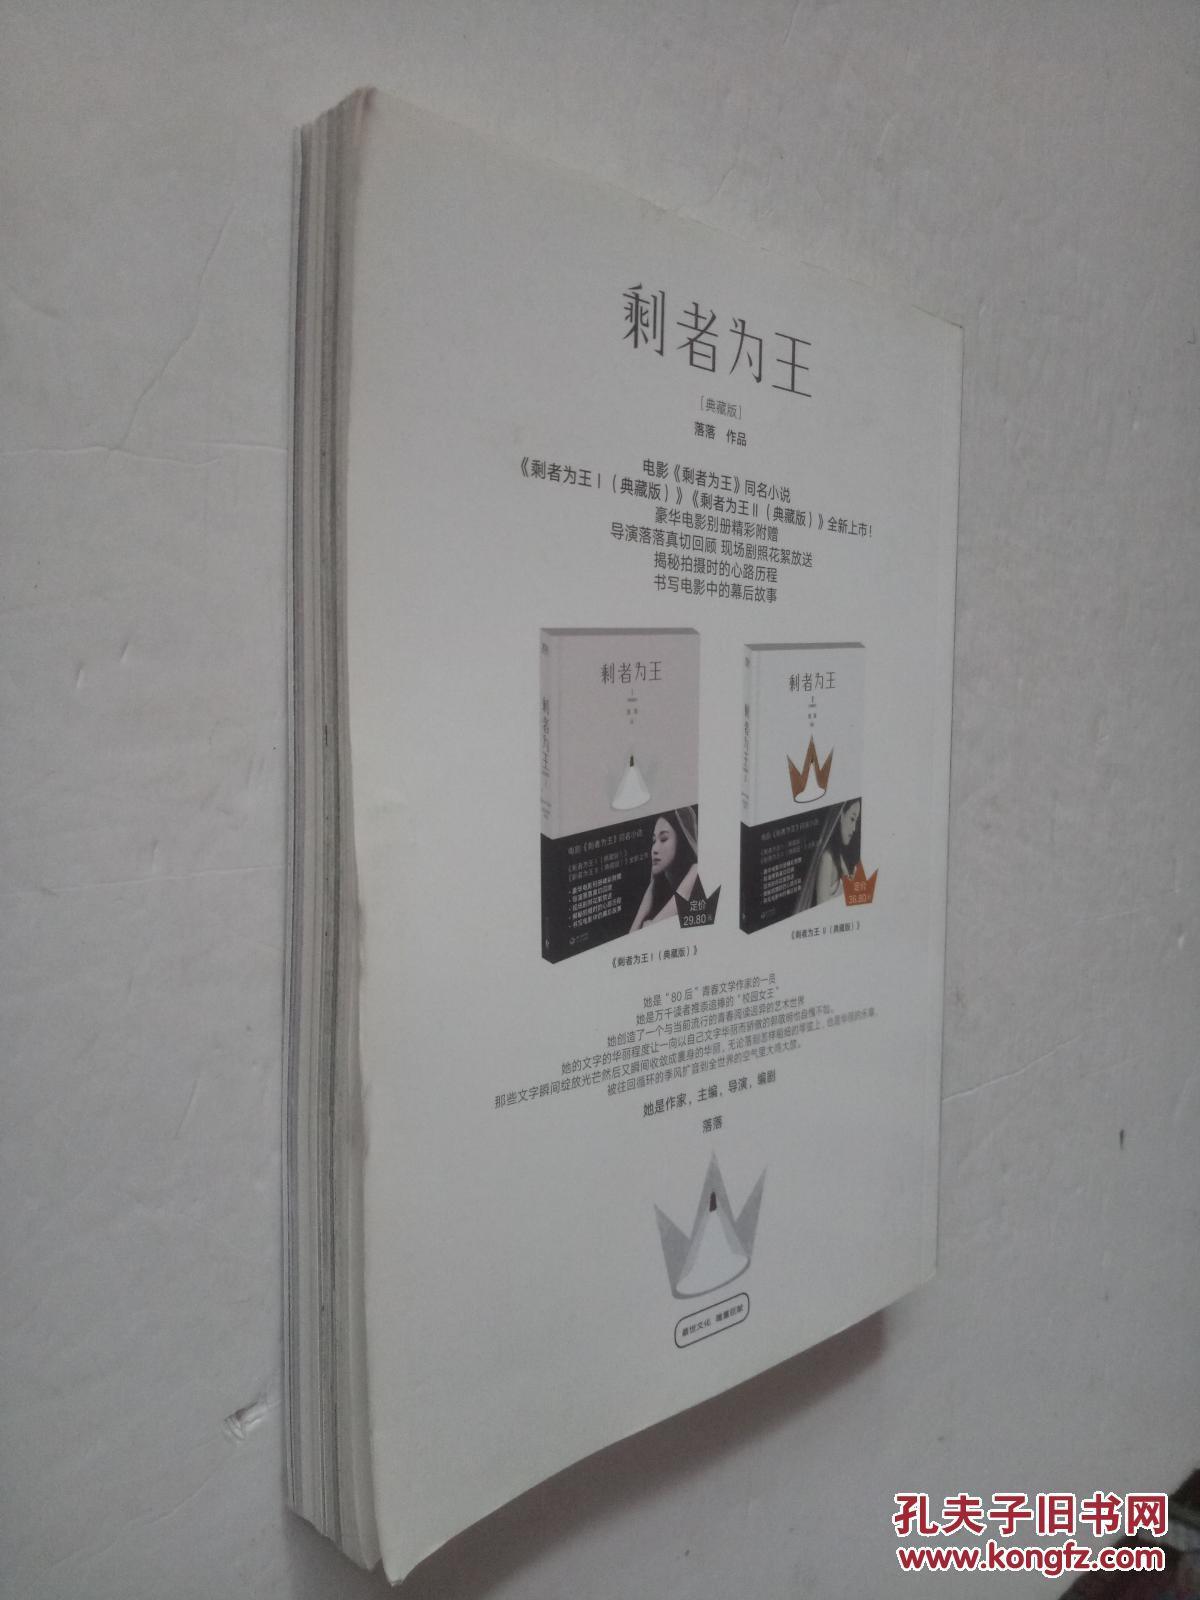 【图】最文化最漫画2015.11_最世赤月小说漫画隷兎奴图片